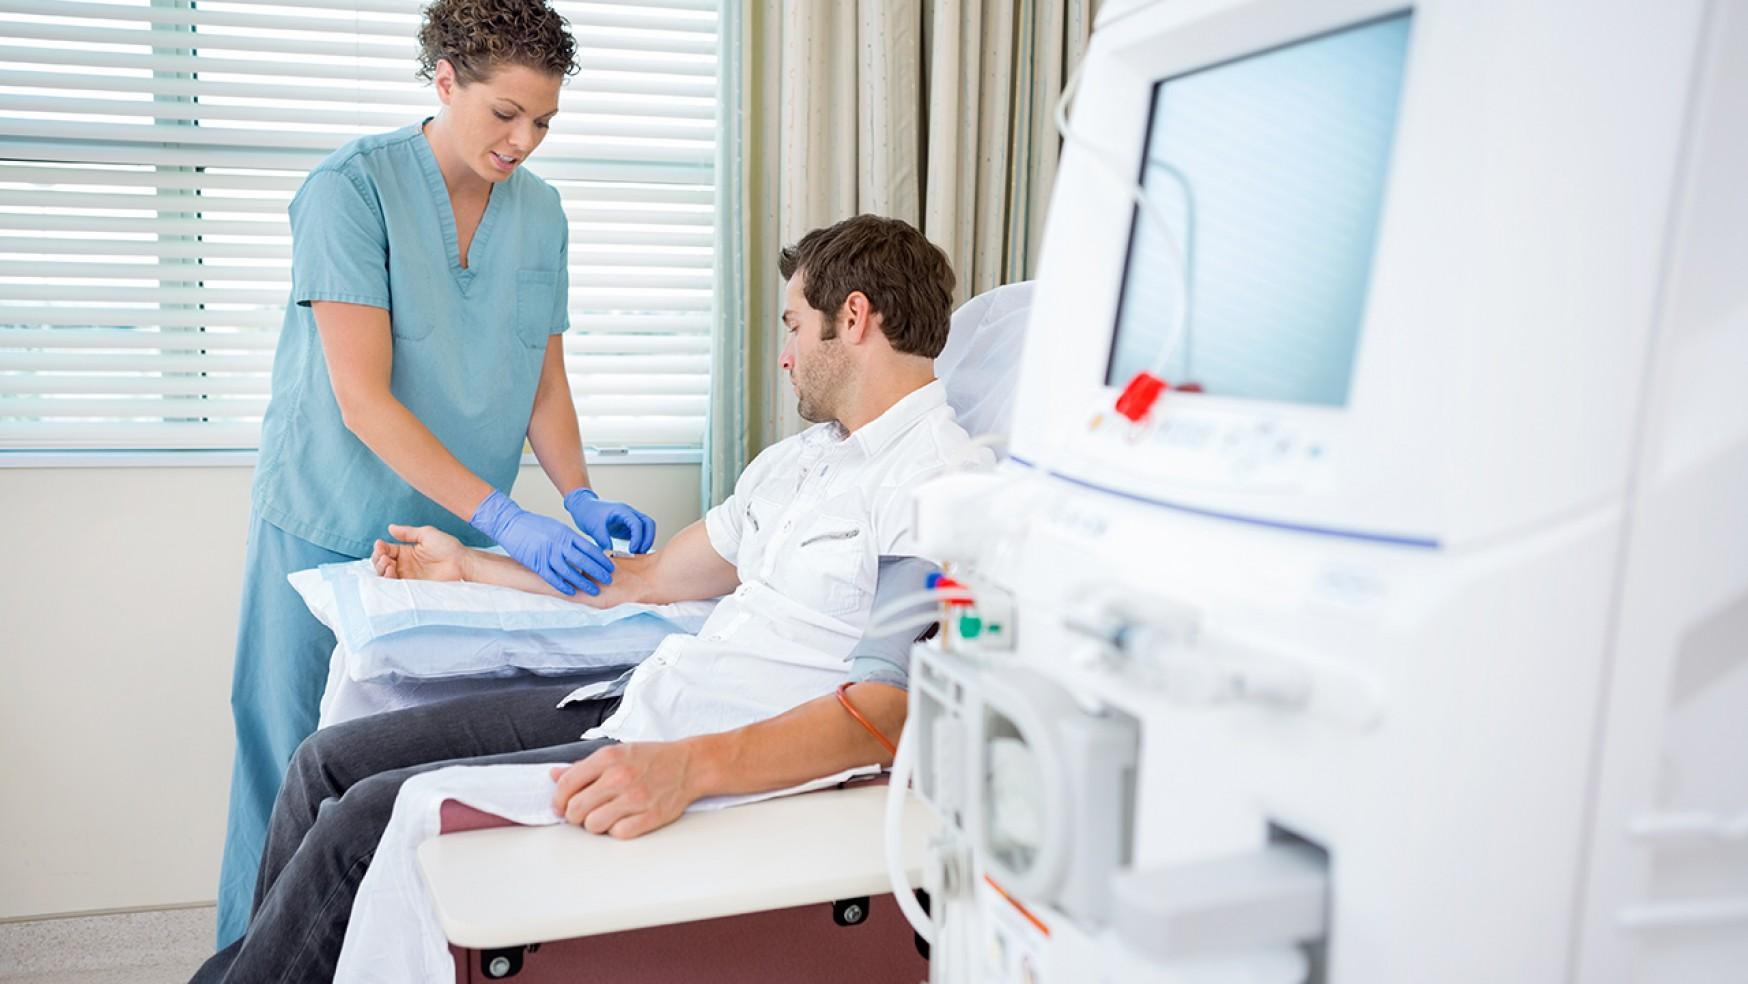 Daño a los Riñones o Nefropatía Diabética ahora si se puede detener, según nuevo estudio